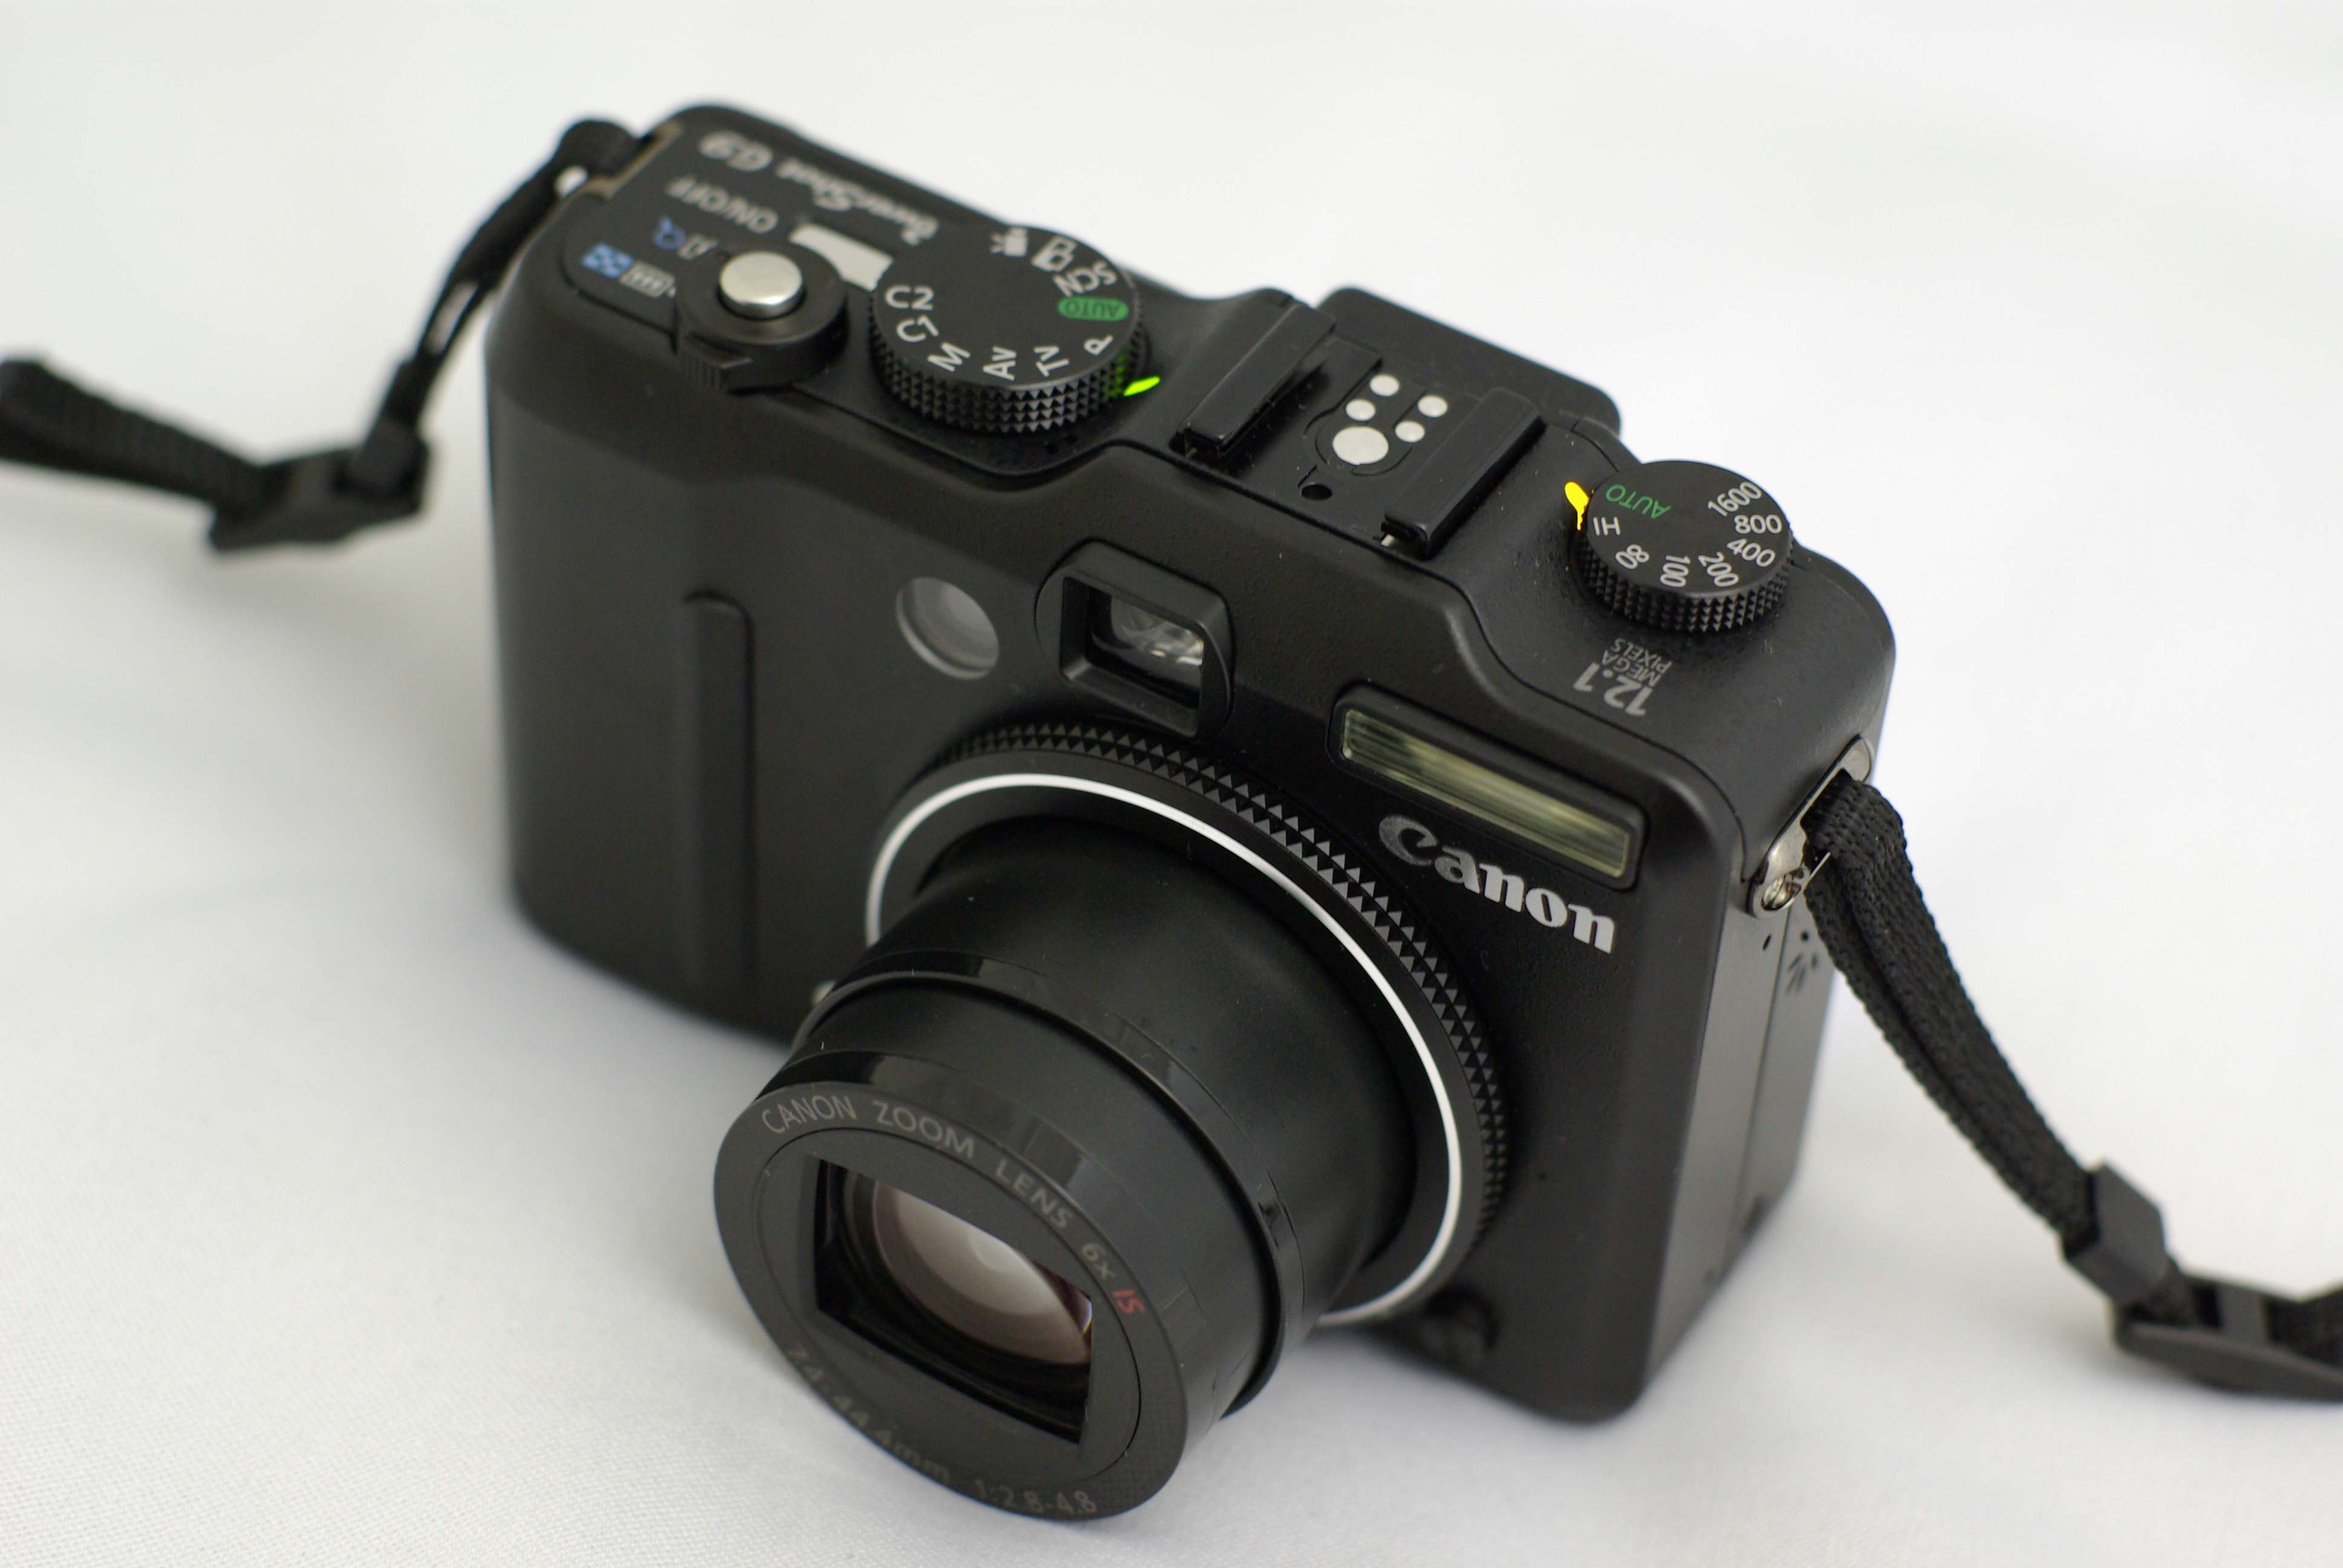 Alles im blick oder ganz nah ran -- das canon 8fach zoomobjektiv sorgt mit intelligent is und smart auto für gro0dfartige fotos und hd-movies